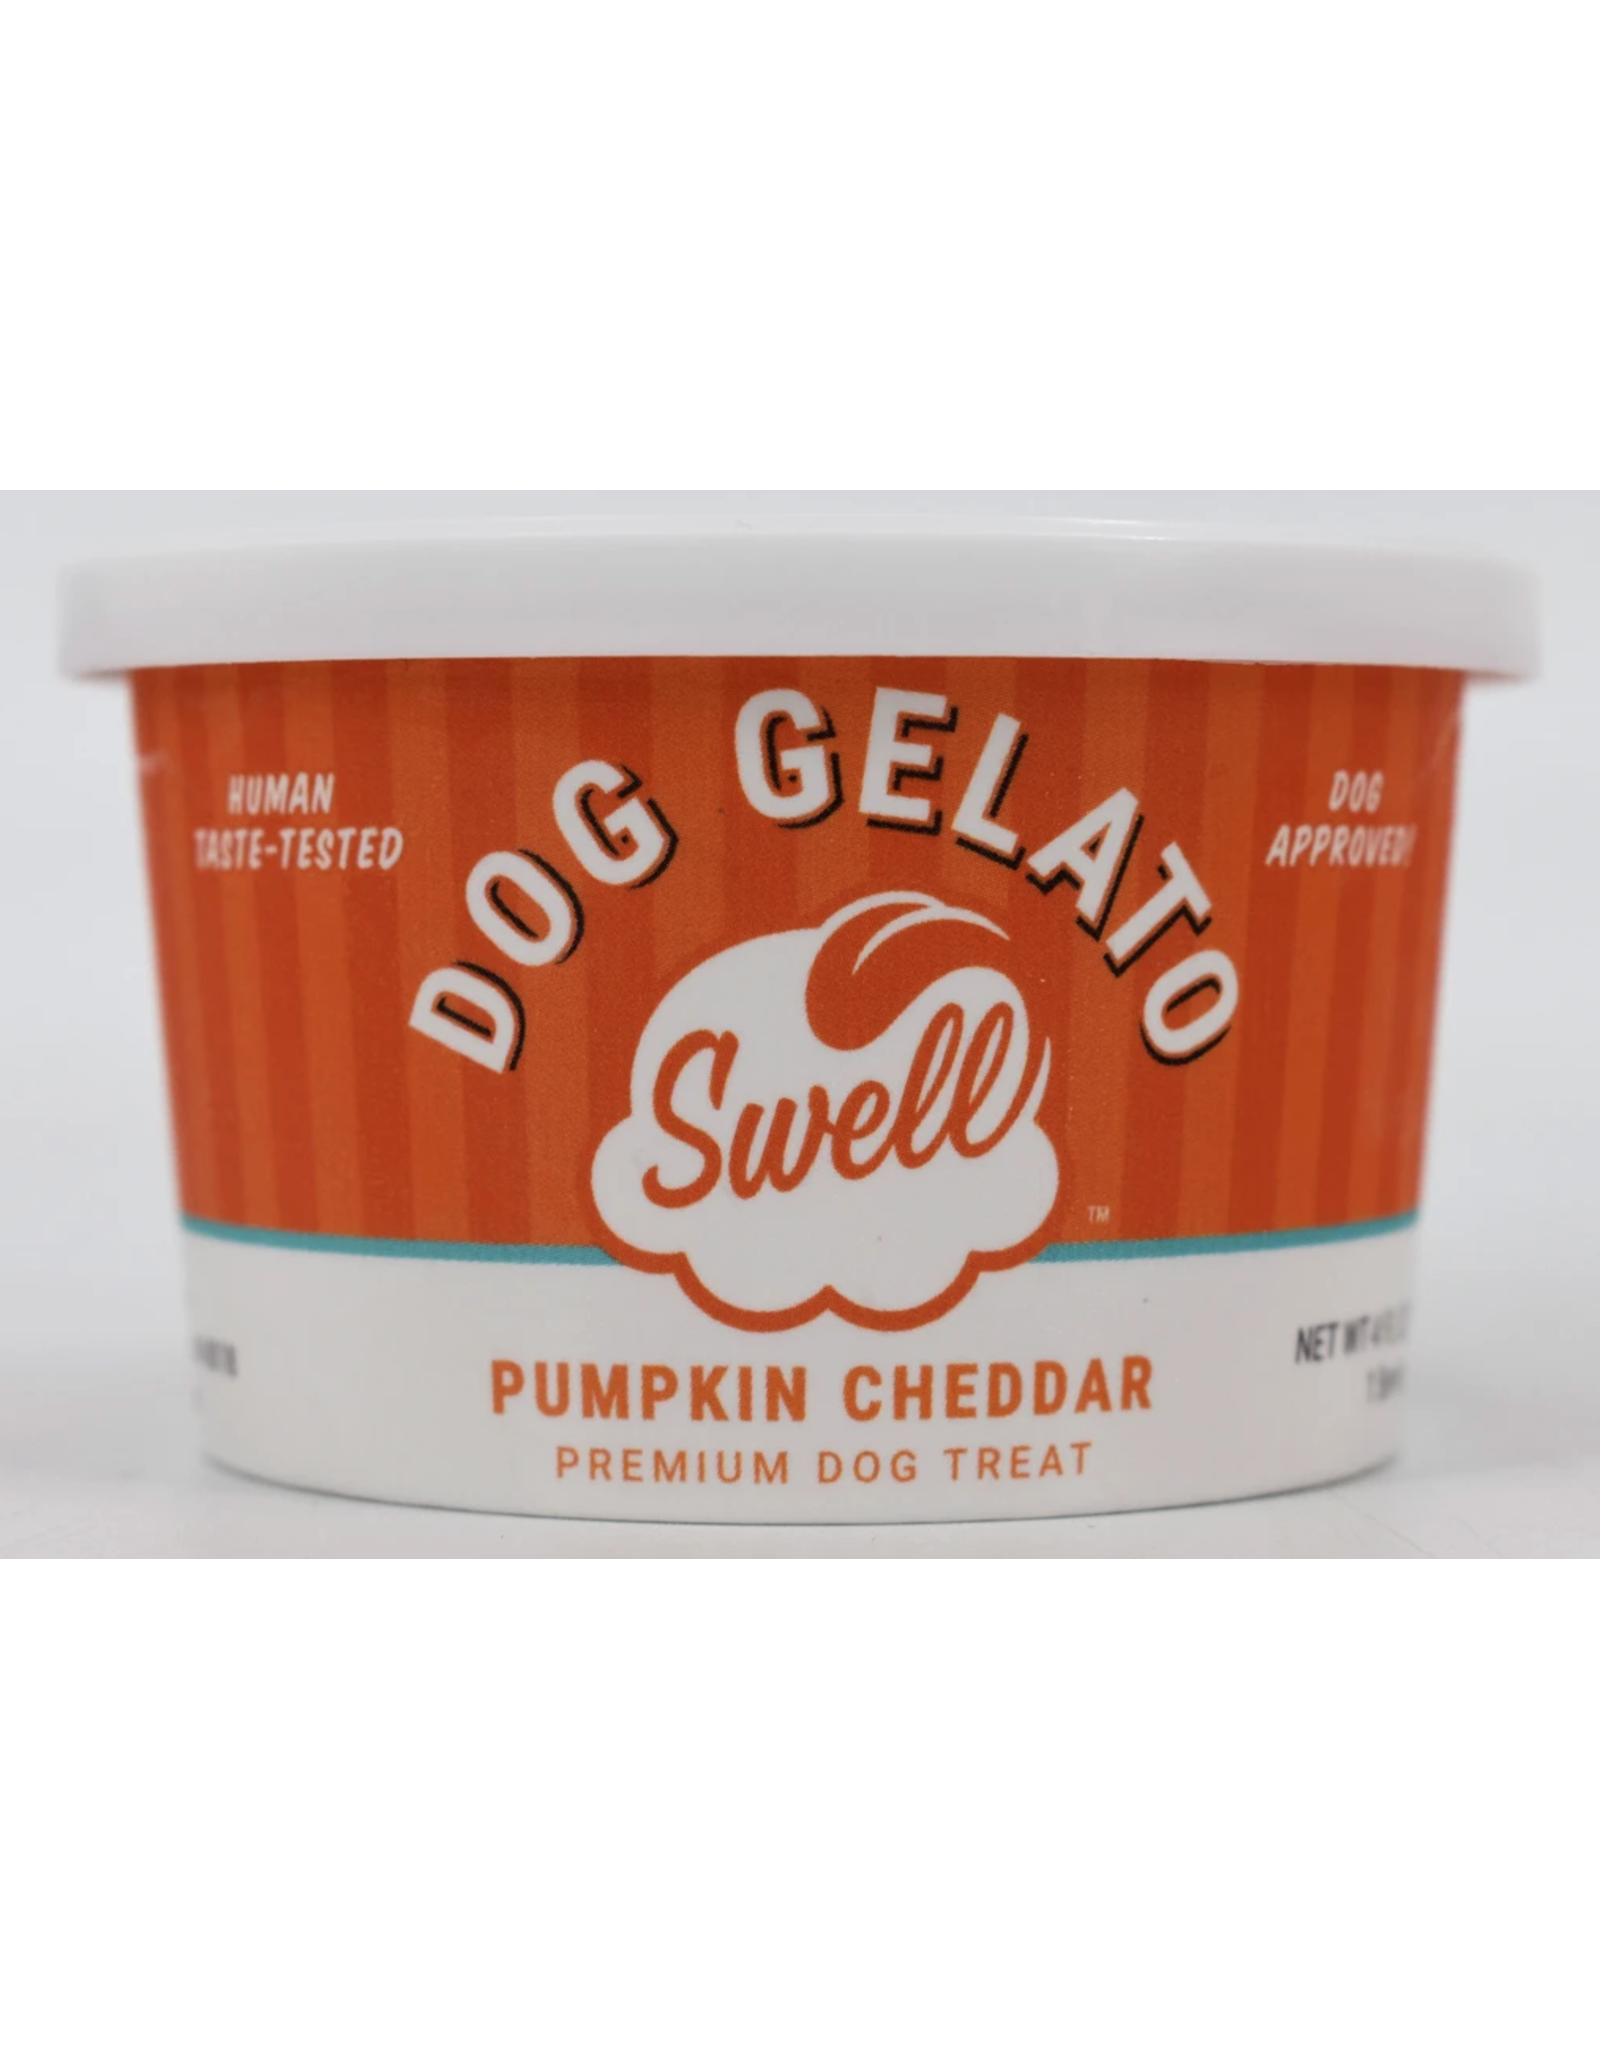 Swell Swell Dog Gelato Pumpkin Cheddar 4oz